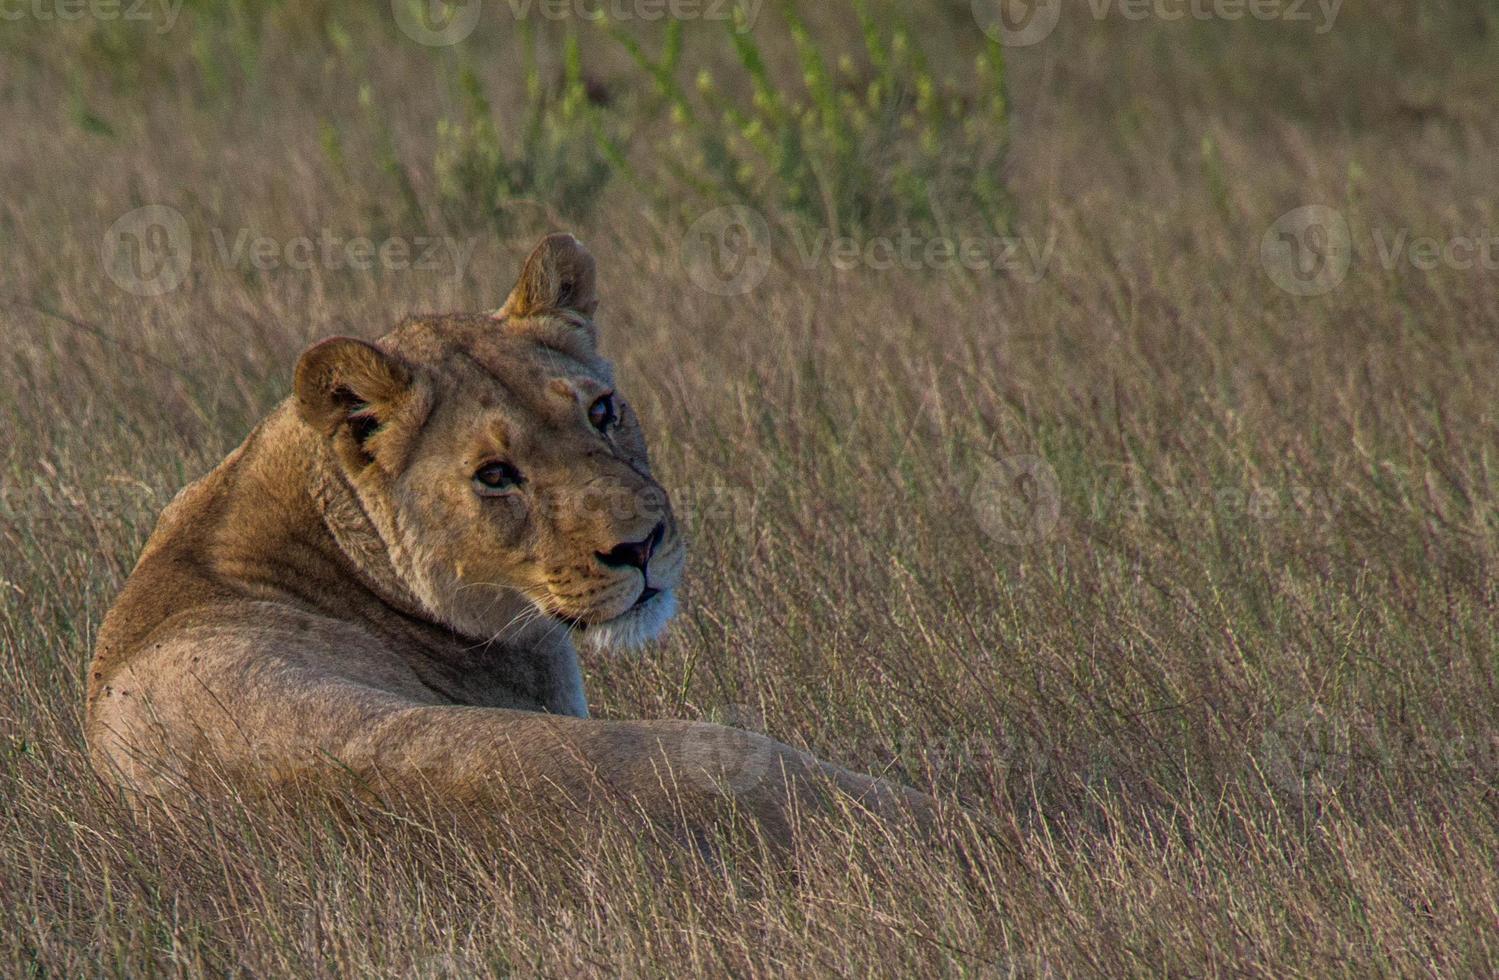 la leona foto